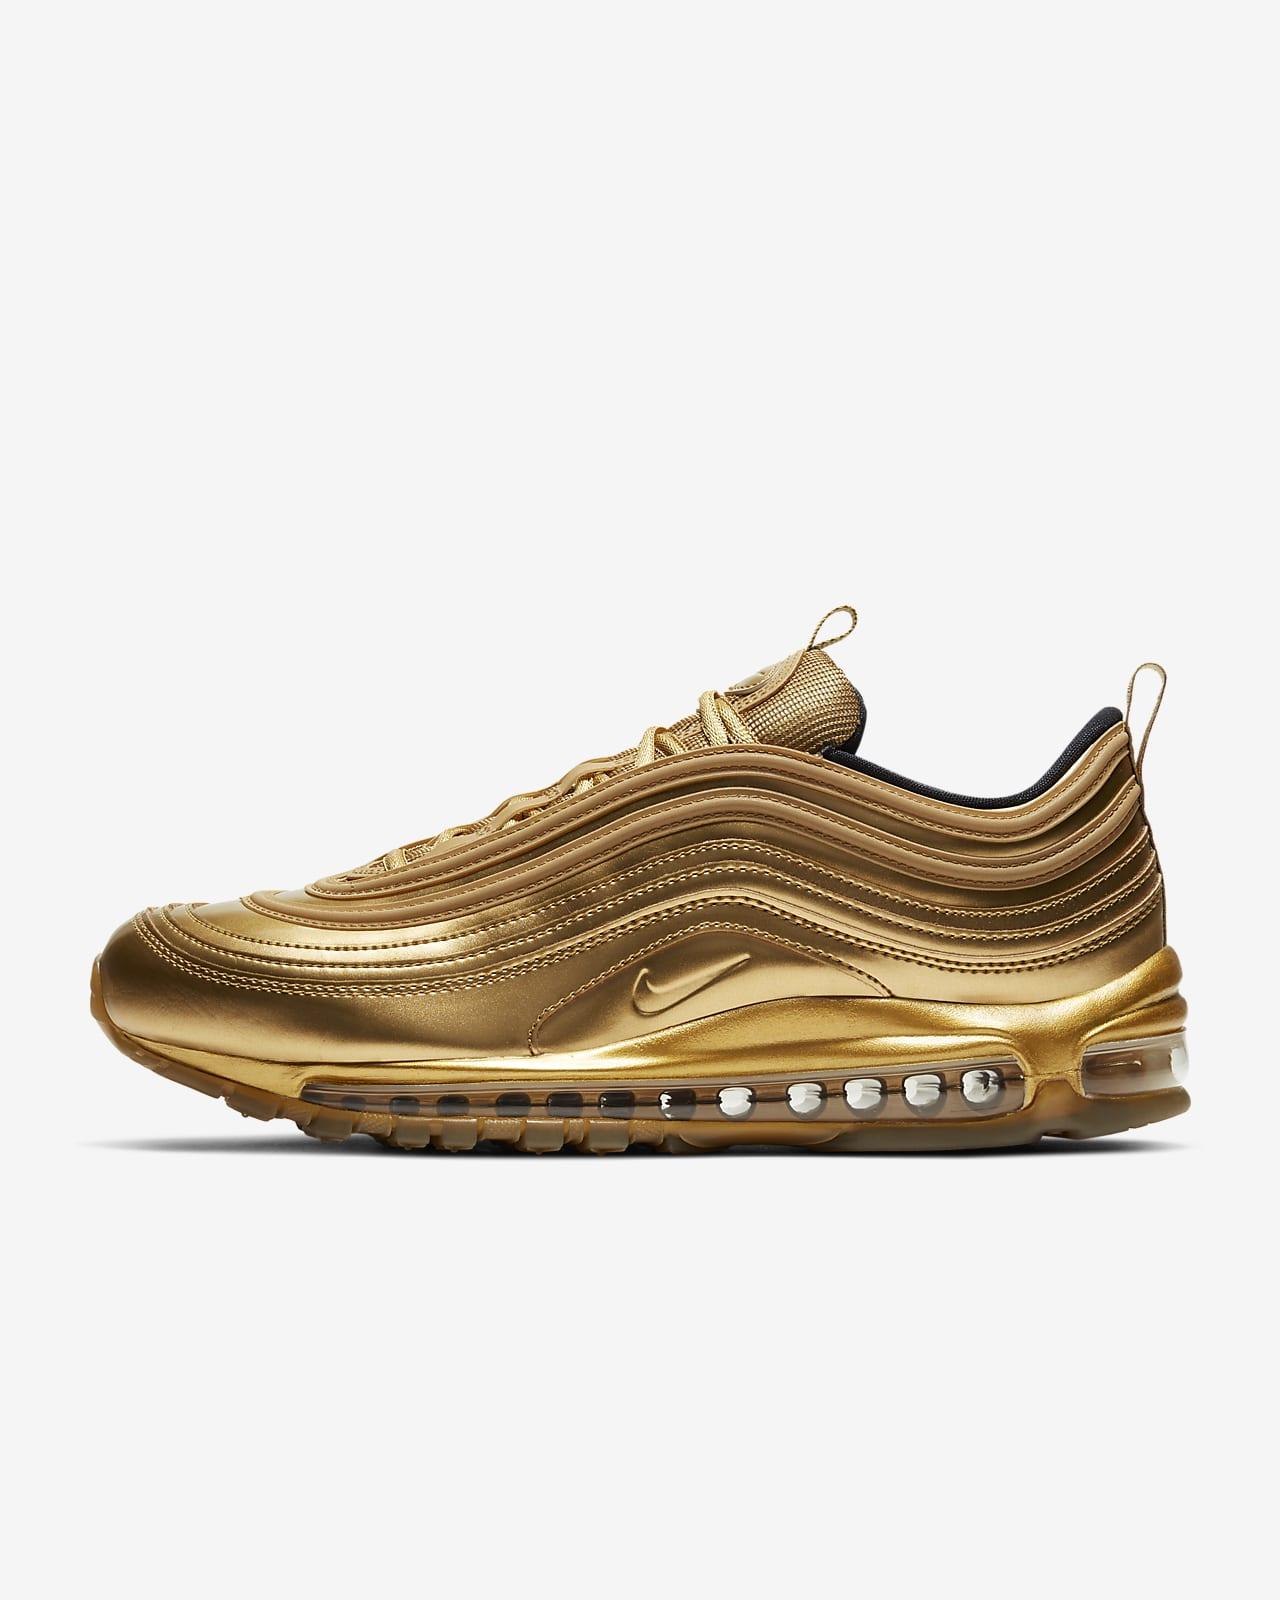 nike hombre zapatos 97